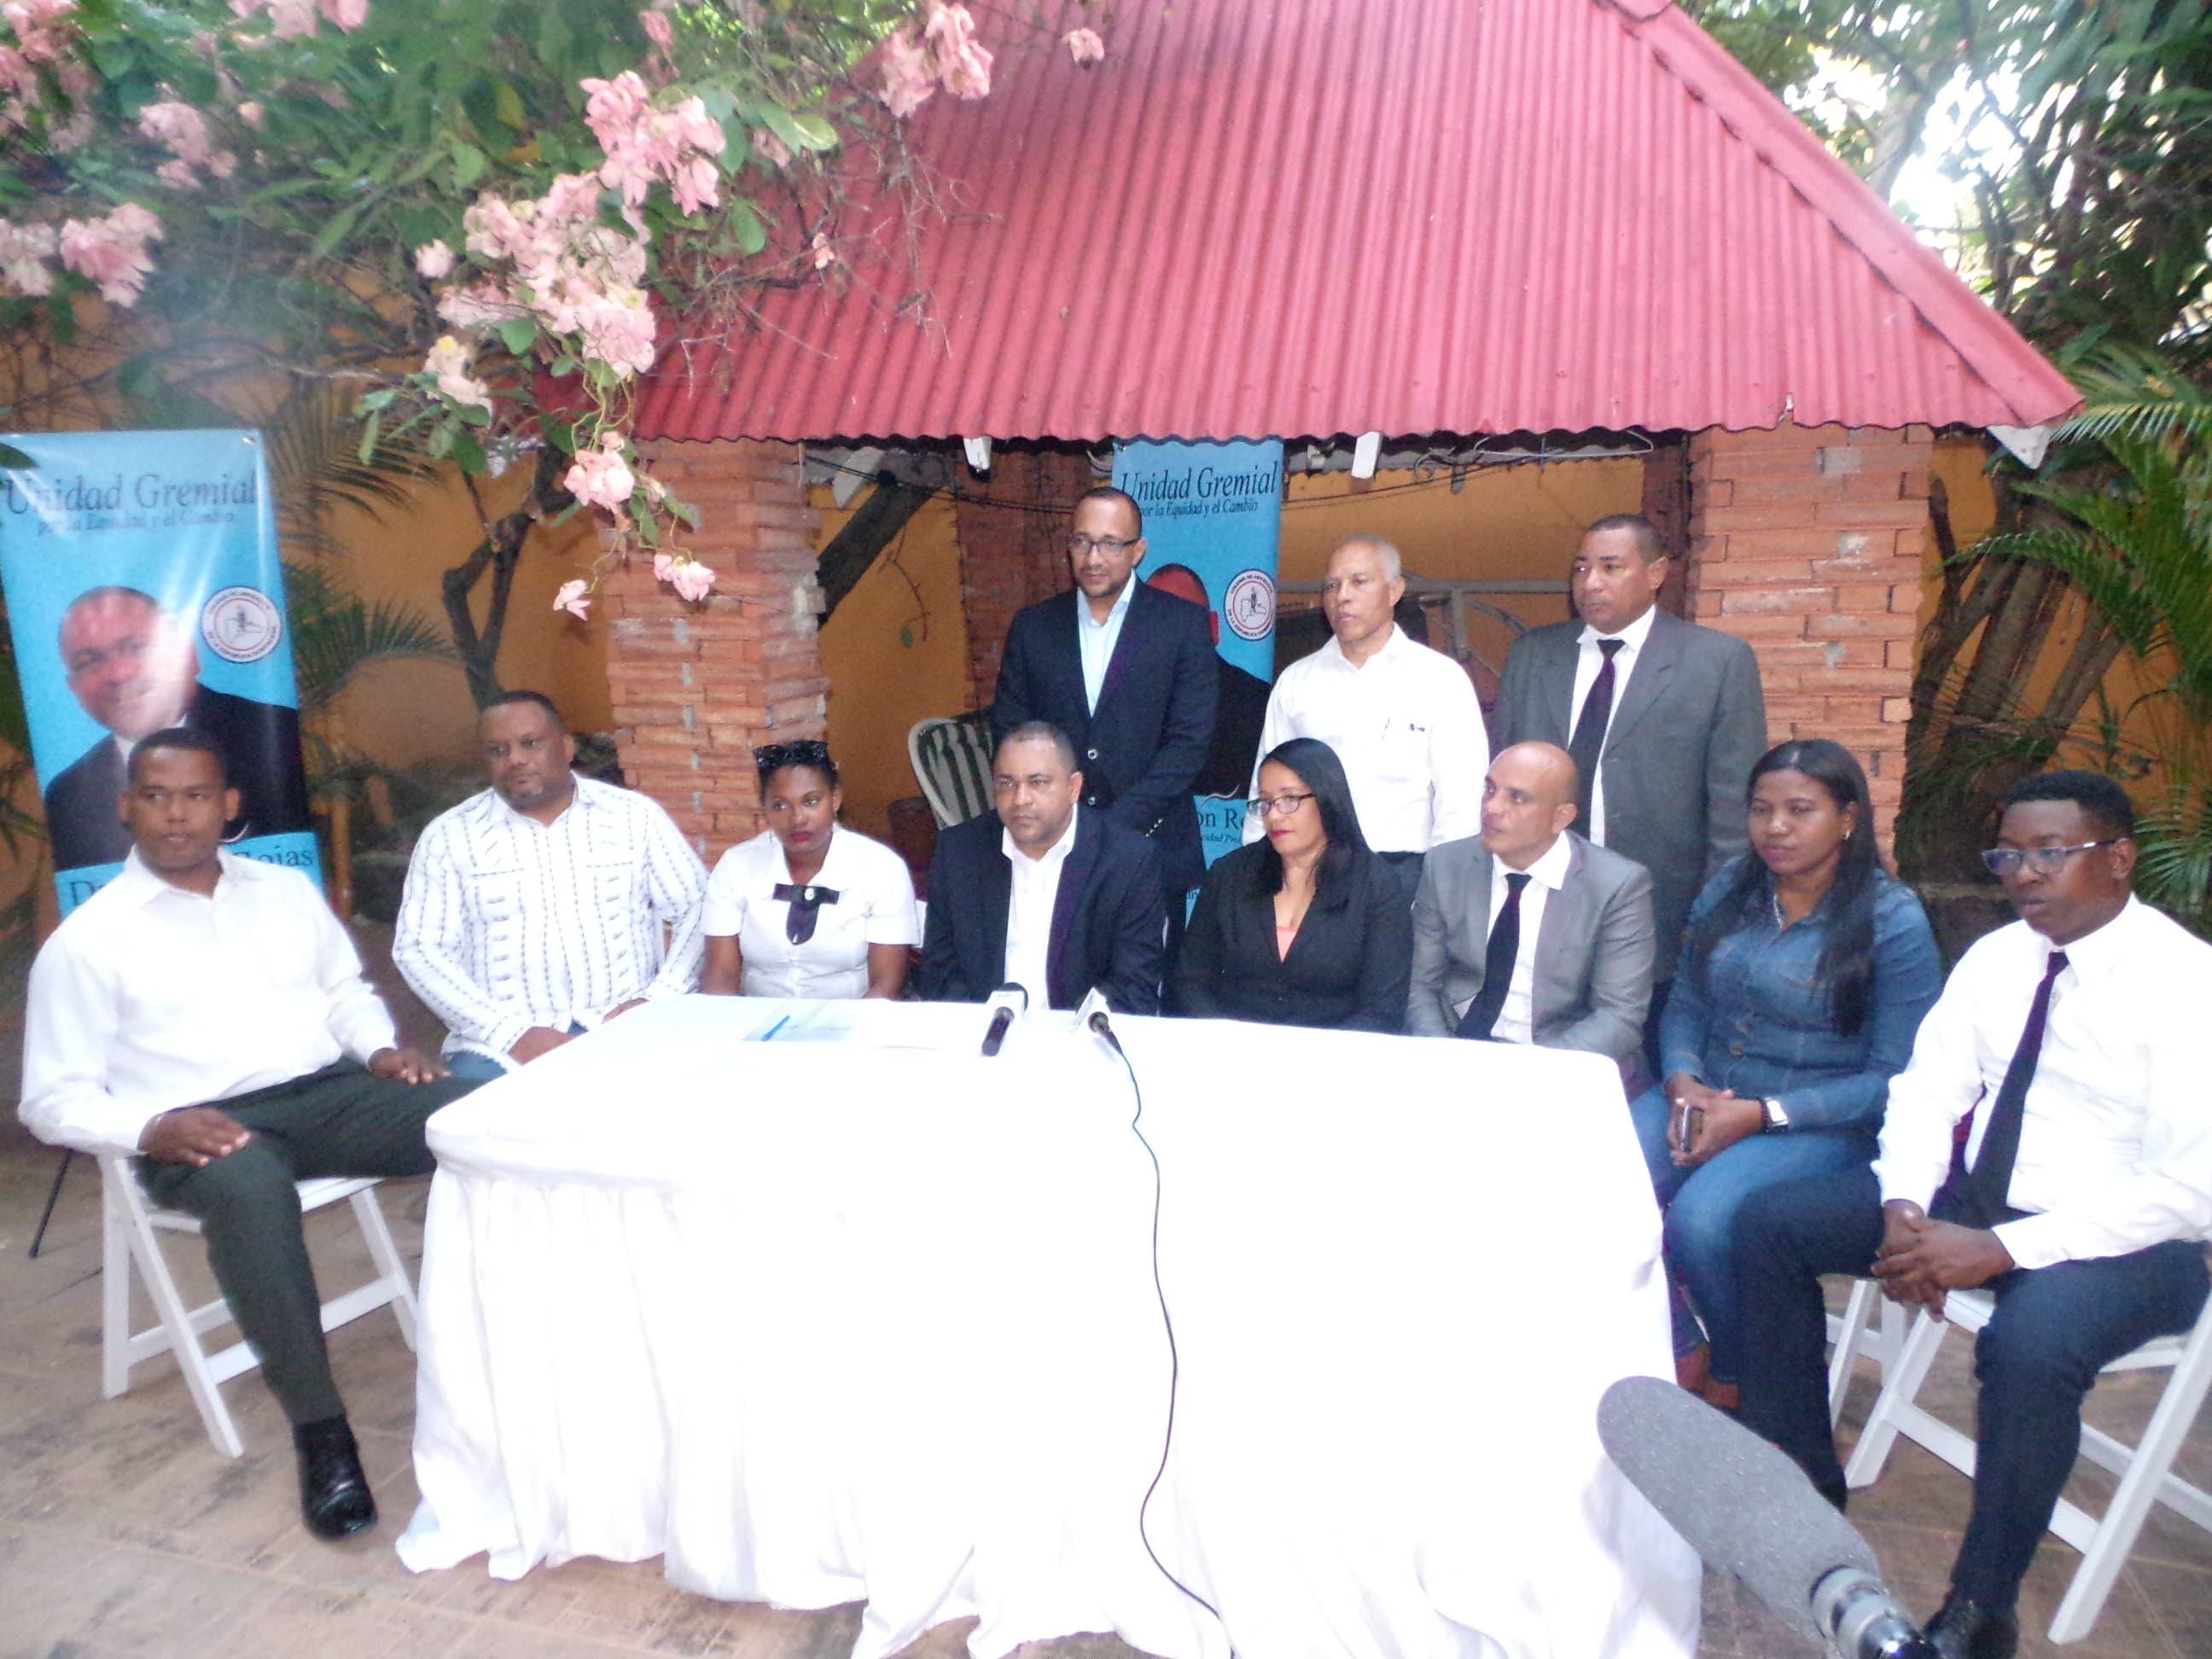 Destacado jurista lanza candidatura seccional de abogados por San Cristóbal